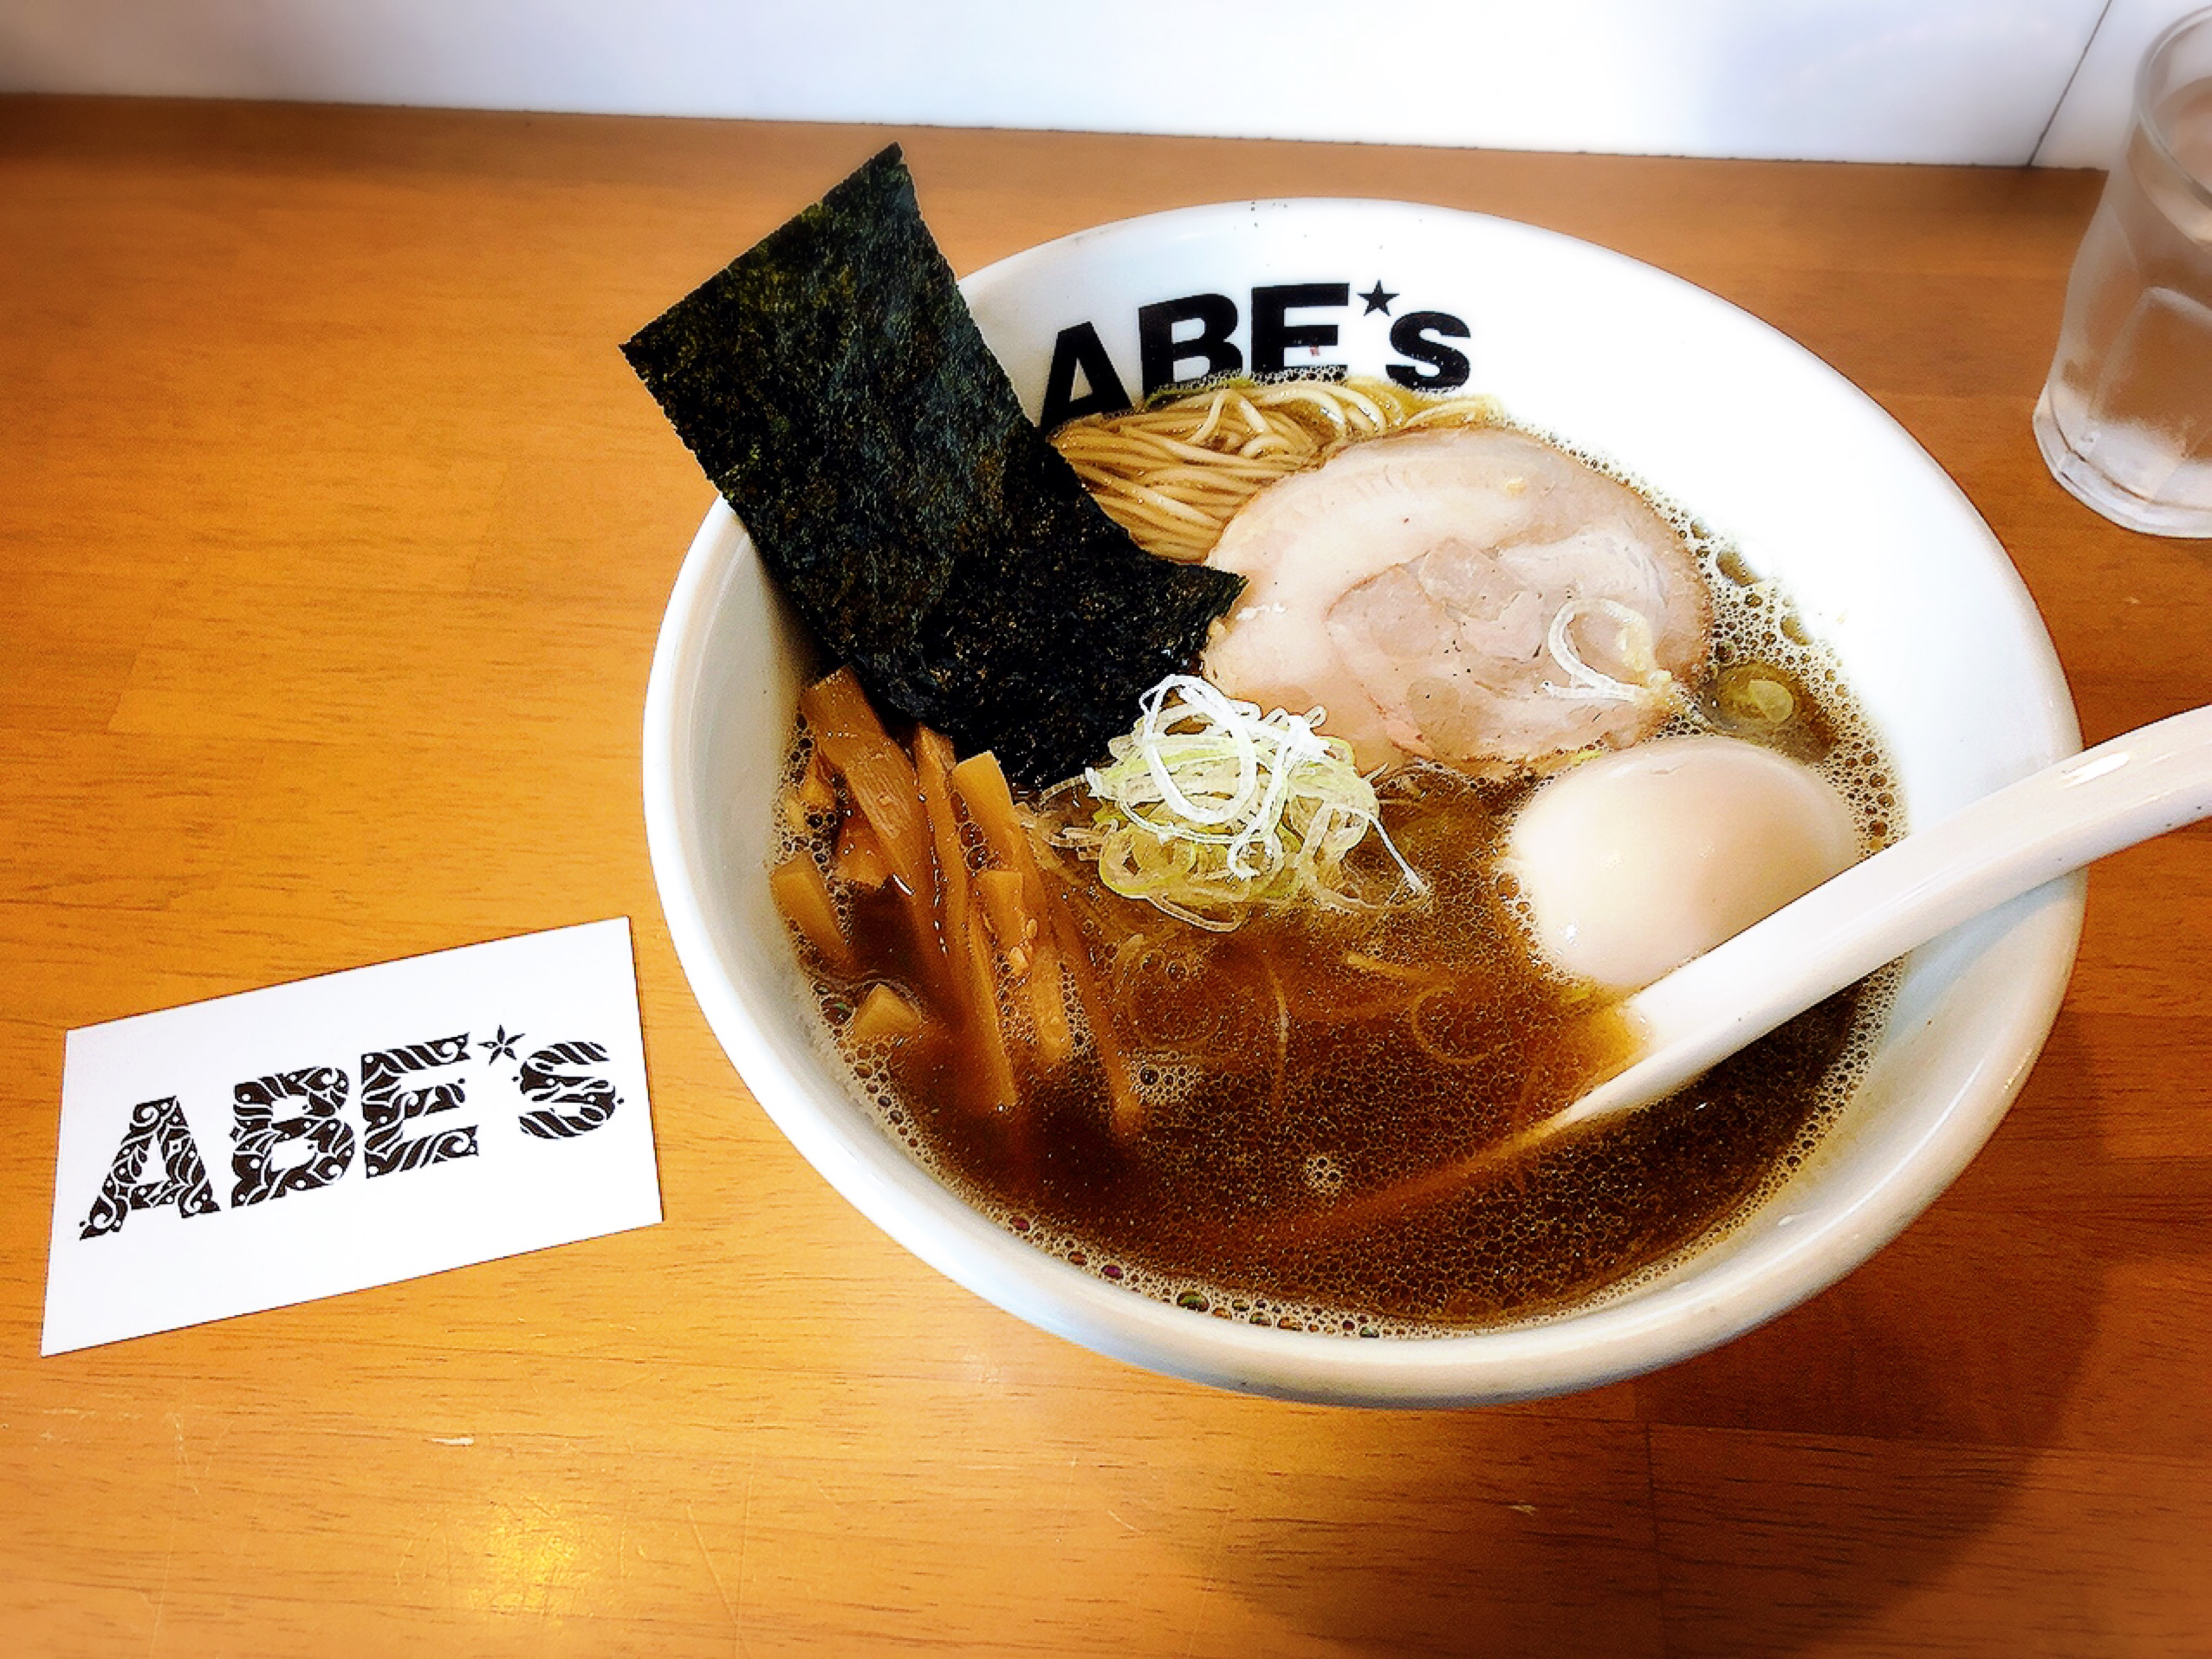 【#静岡】大人気のラーメン屋さんABE's♡煮干しラーメンが絶品( ´ ▽ ` )!_4